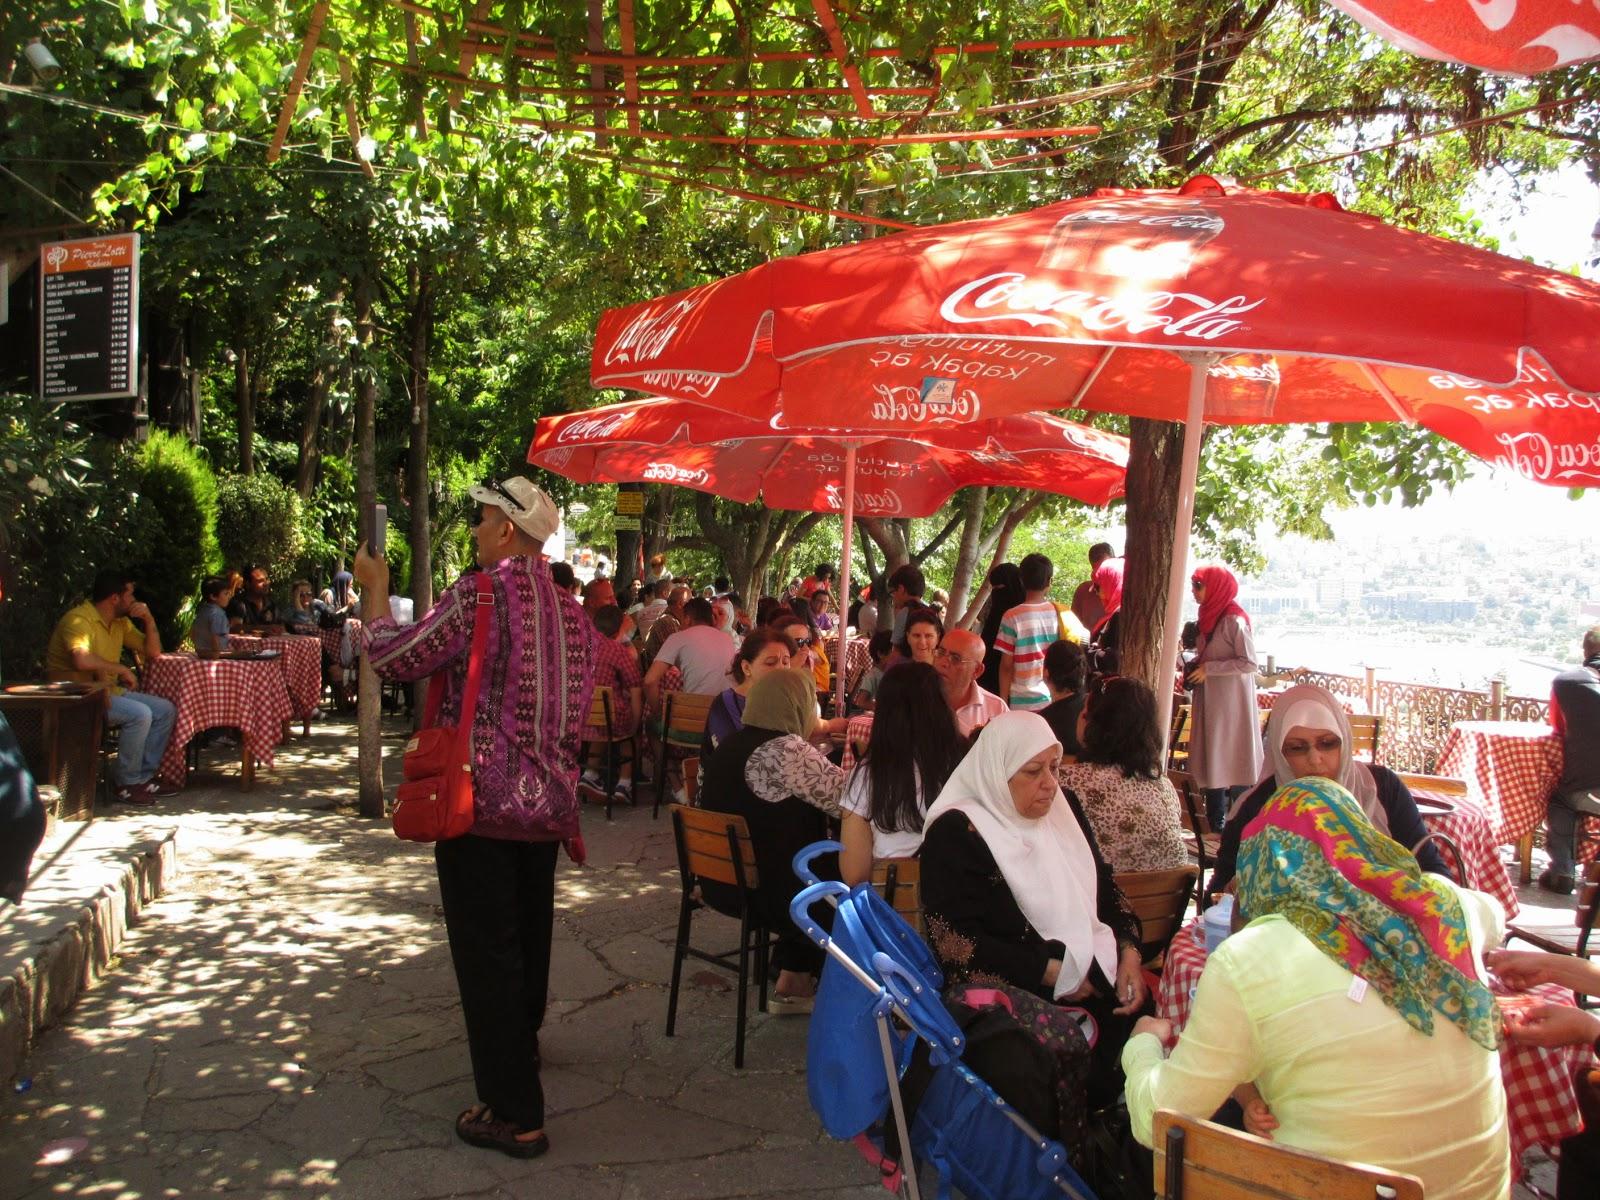 Travel Umroh Murah 2015 Surabaya Terbaik Bagus dan Terpercaya